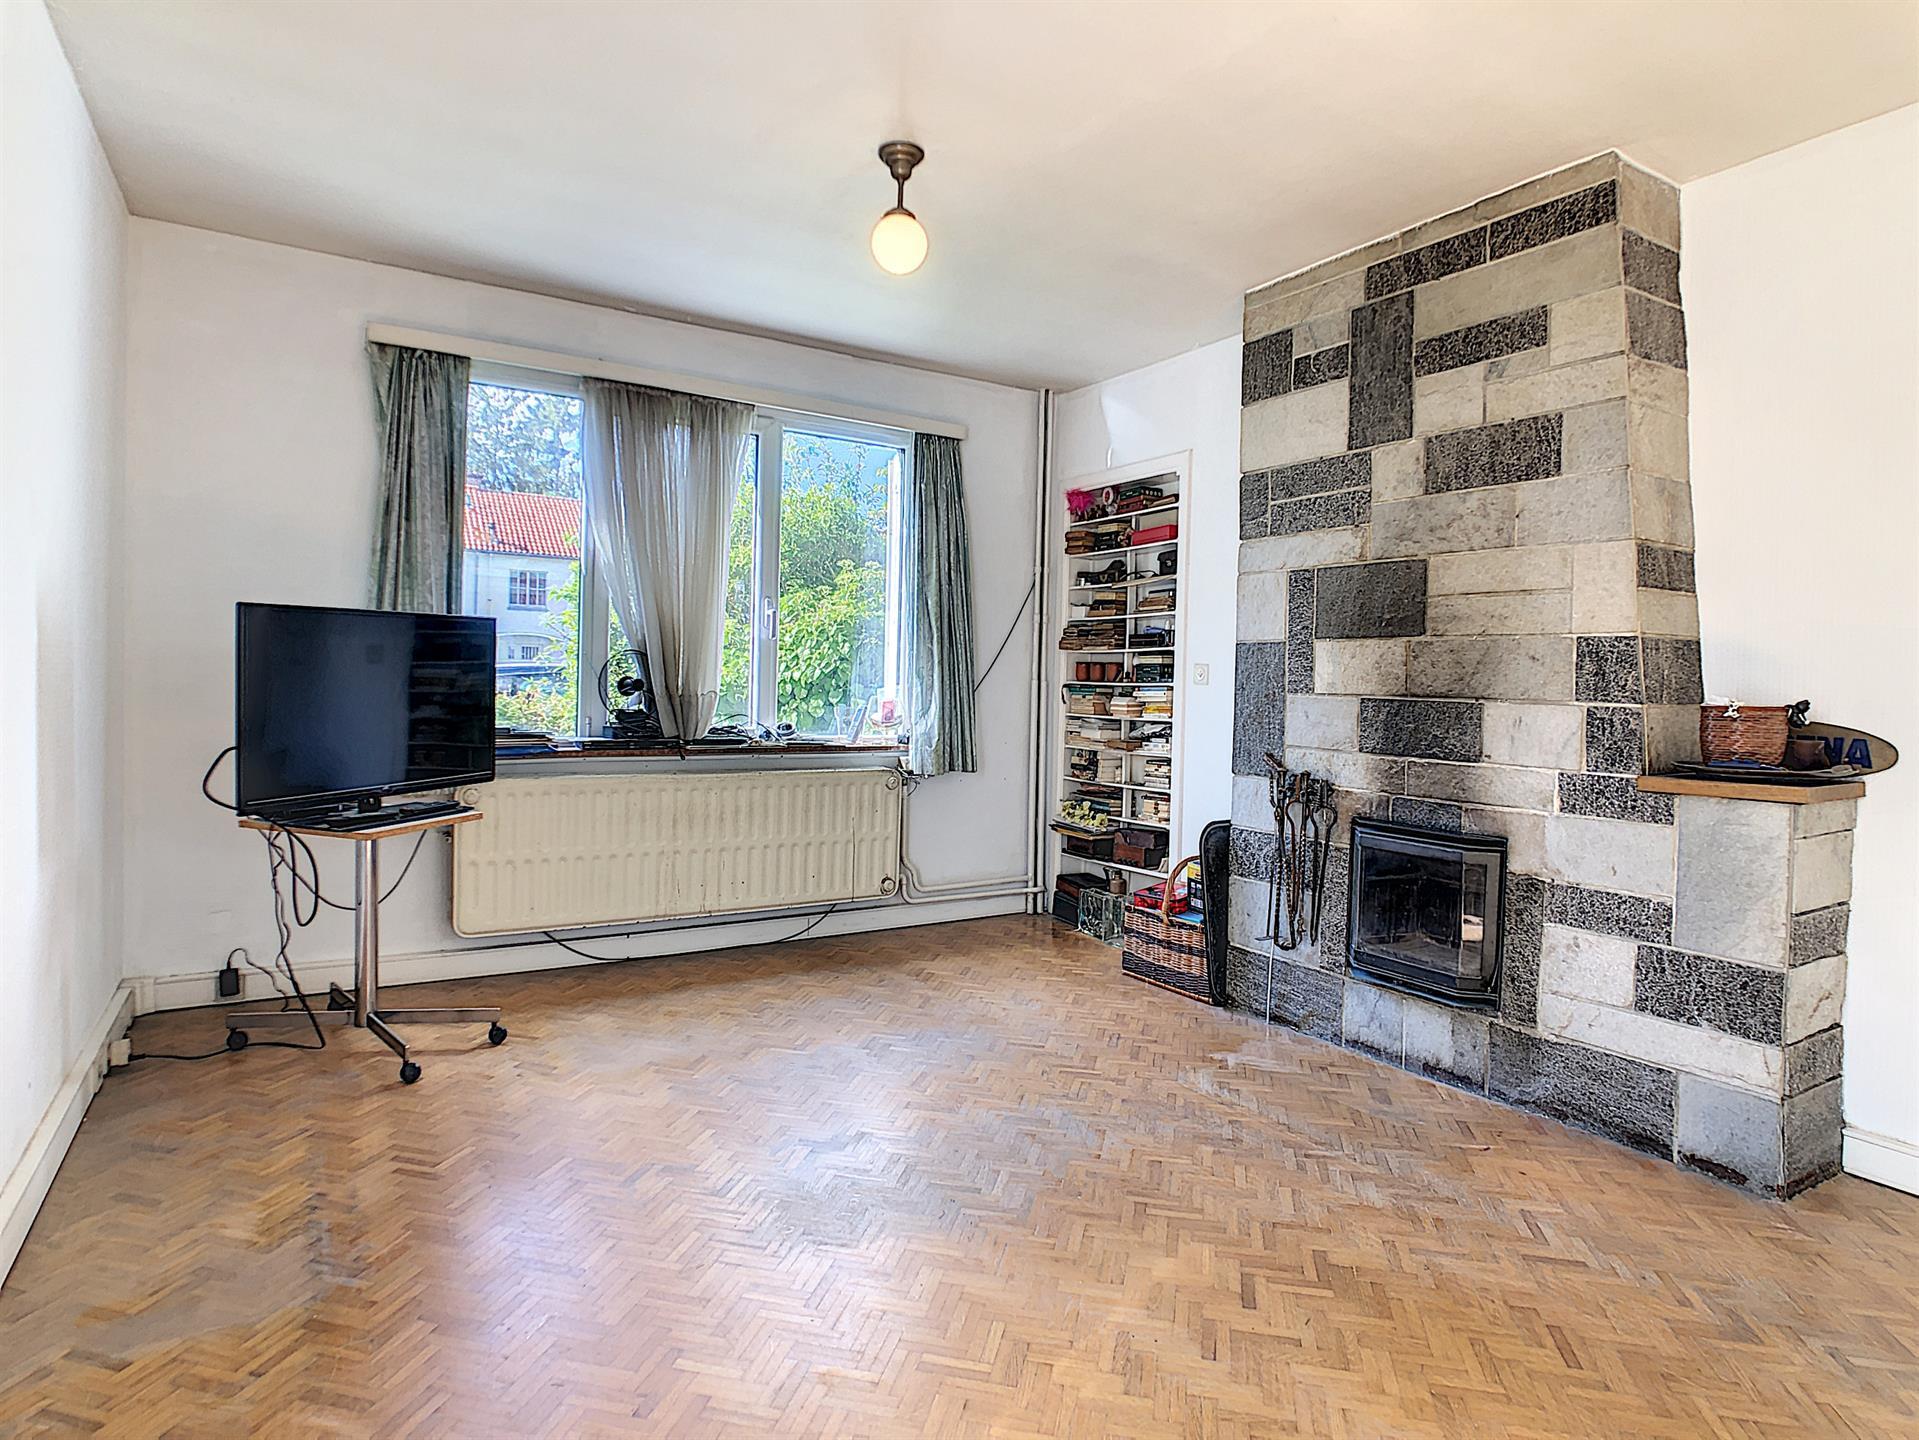 Maison unifamiliale - Auderghem - #4366134-1